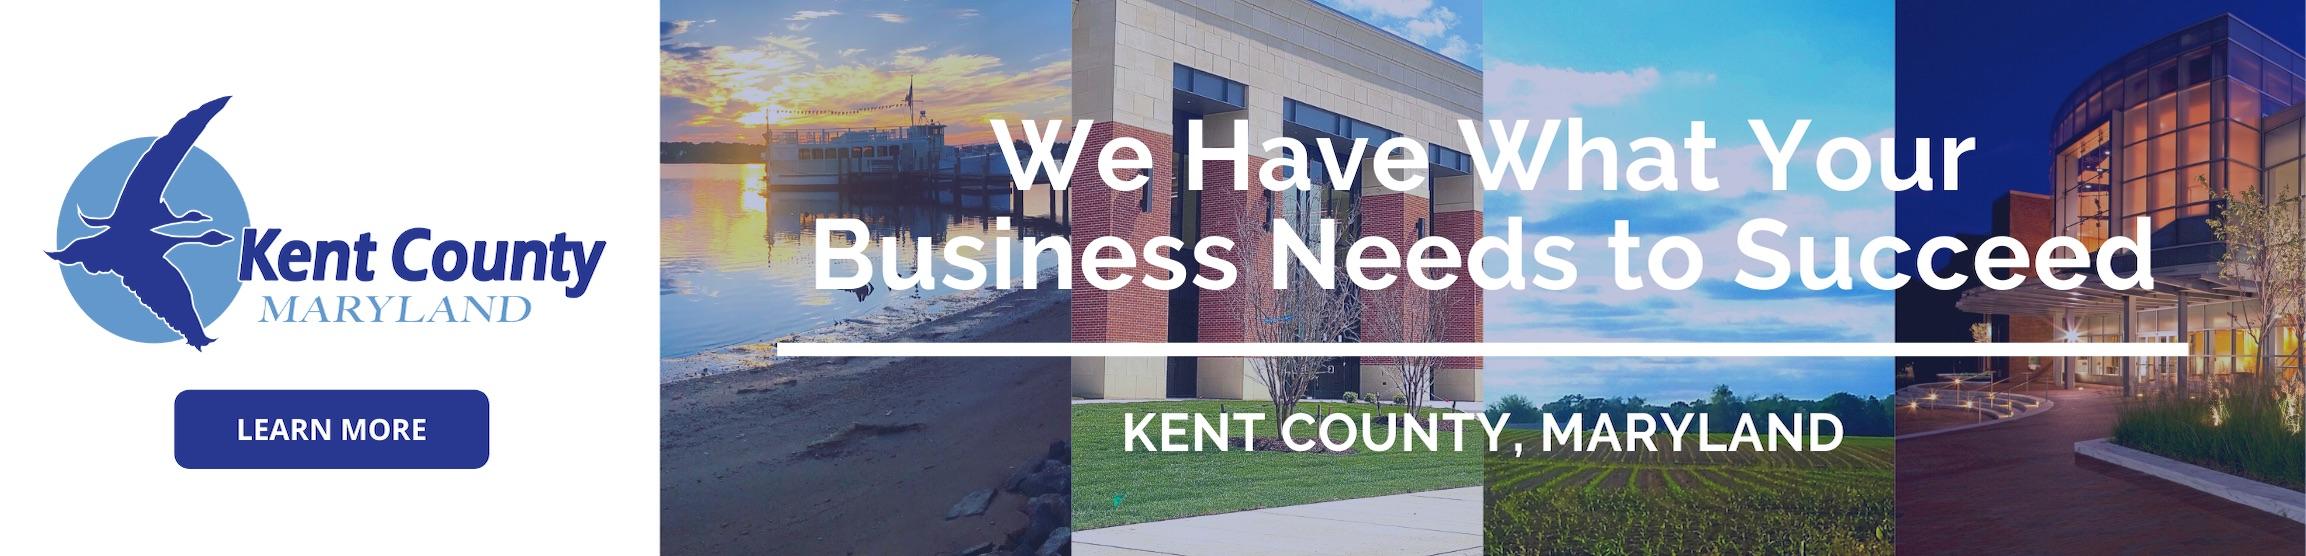 Kent County Maryland